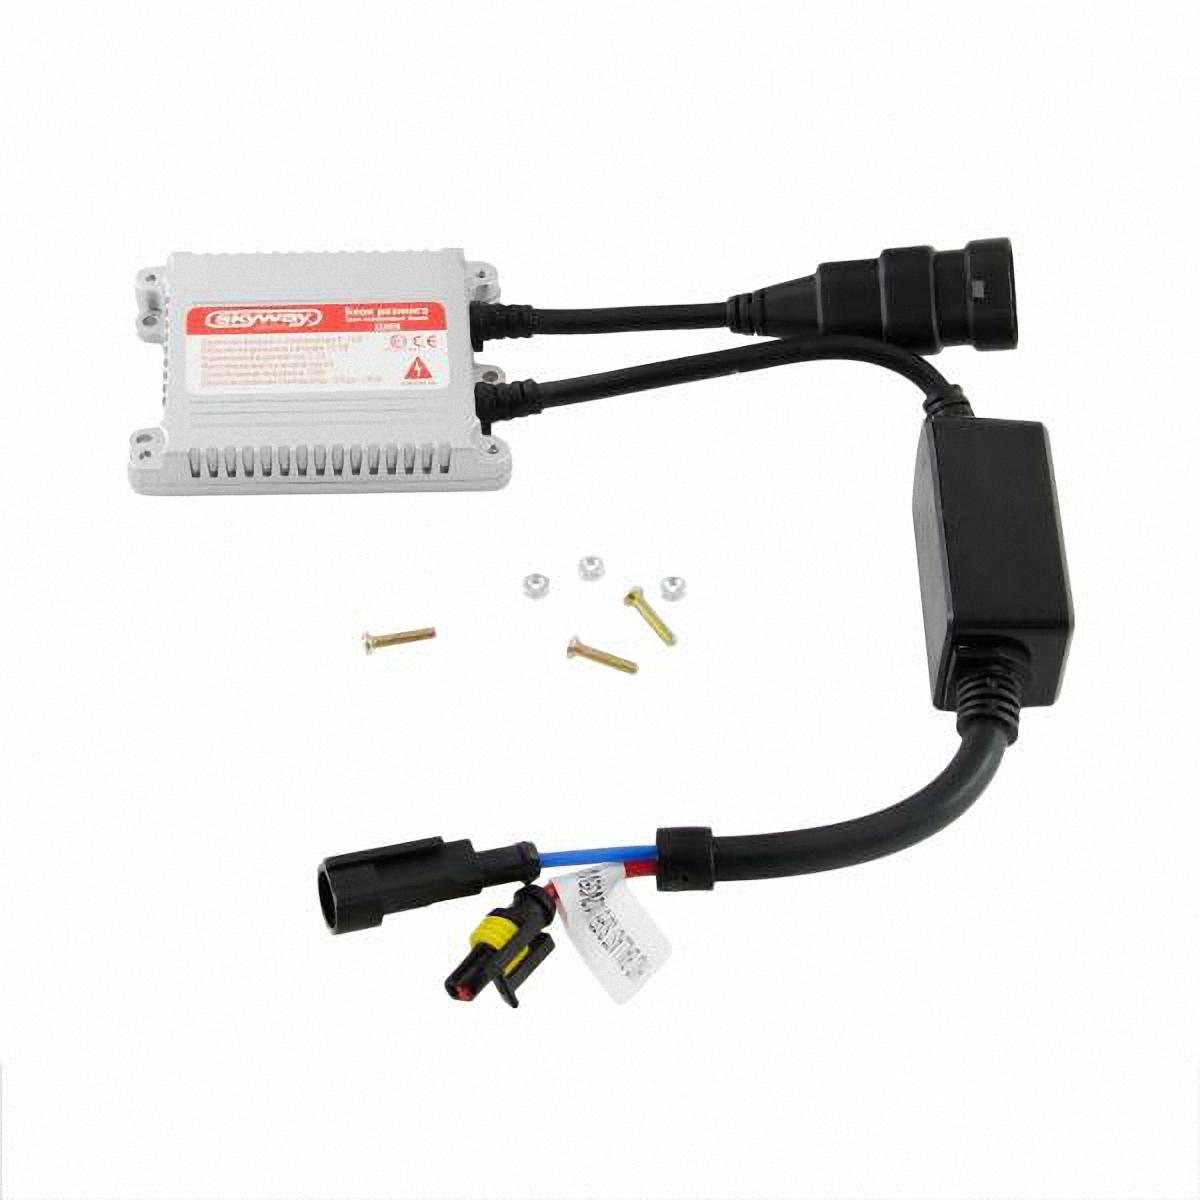 Блок розжига Skyway, для ксеноновых ламп Xenon. HID BALLAST SUPER SLIM 12V35WHID BALLAST SUPER SLIM 12V35WБлок розжига Skyway - преобразователь напряжения для ксеноновых ламп.Технические характеристики:рабочий диапазон питающих напряжений: 9-16 В DC; напряжение для запуска лампы (выходное с блока) 23000 В; номинальное рабочее напряжение питания: 13,2 В; номинальный ток потребления: 3,2 А; выходная мощность: 35 Вт; диапазон рабочих температур: от -40°С до +105°С; защита от обратной полярности; защита от подключения без ксеноновой лампы; защита от короткого замыкания; защита от перенапряжения; защита от низкого напряжения. Комплектация: блок розжига - 1 шт. гарантийный талон - 1 шт.